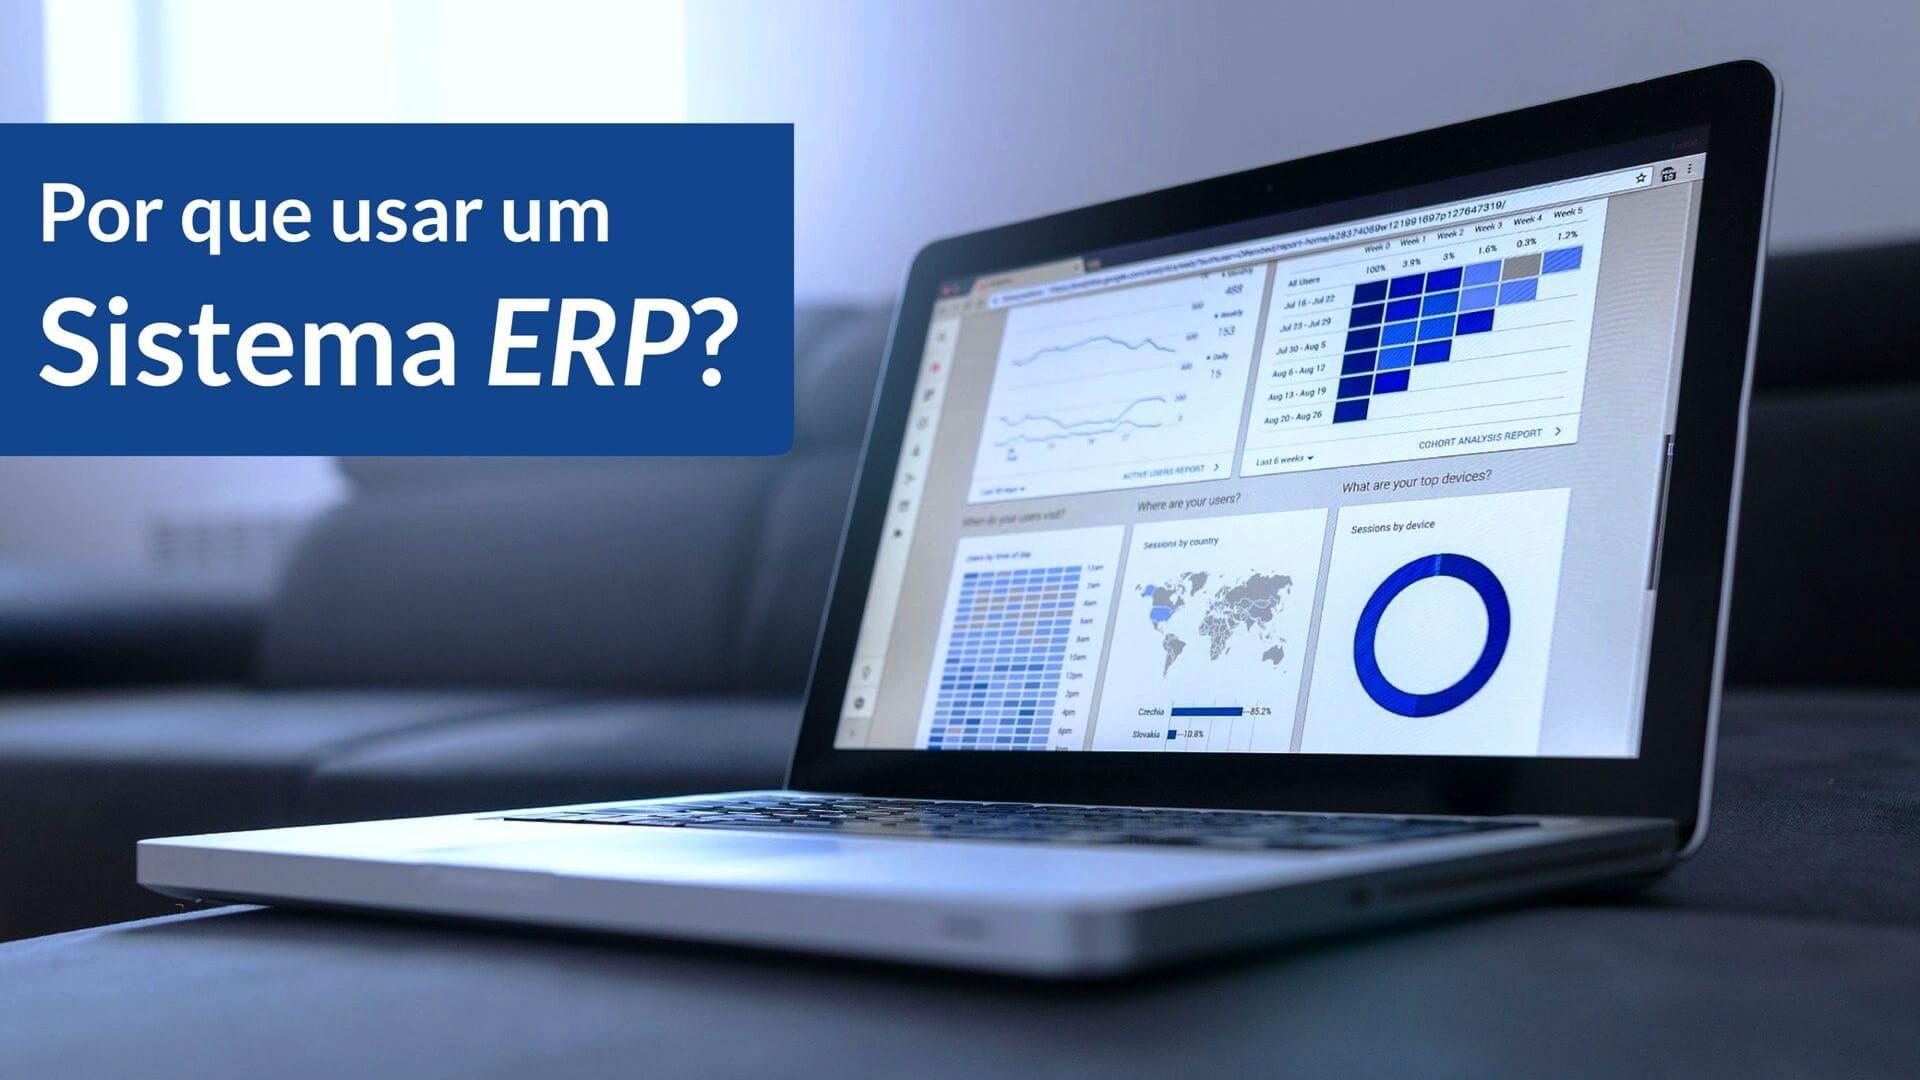 Por que usar um sistema ERP?